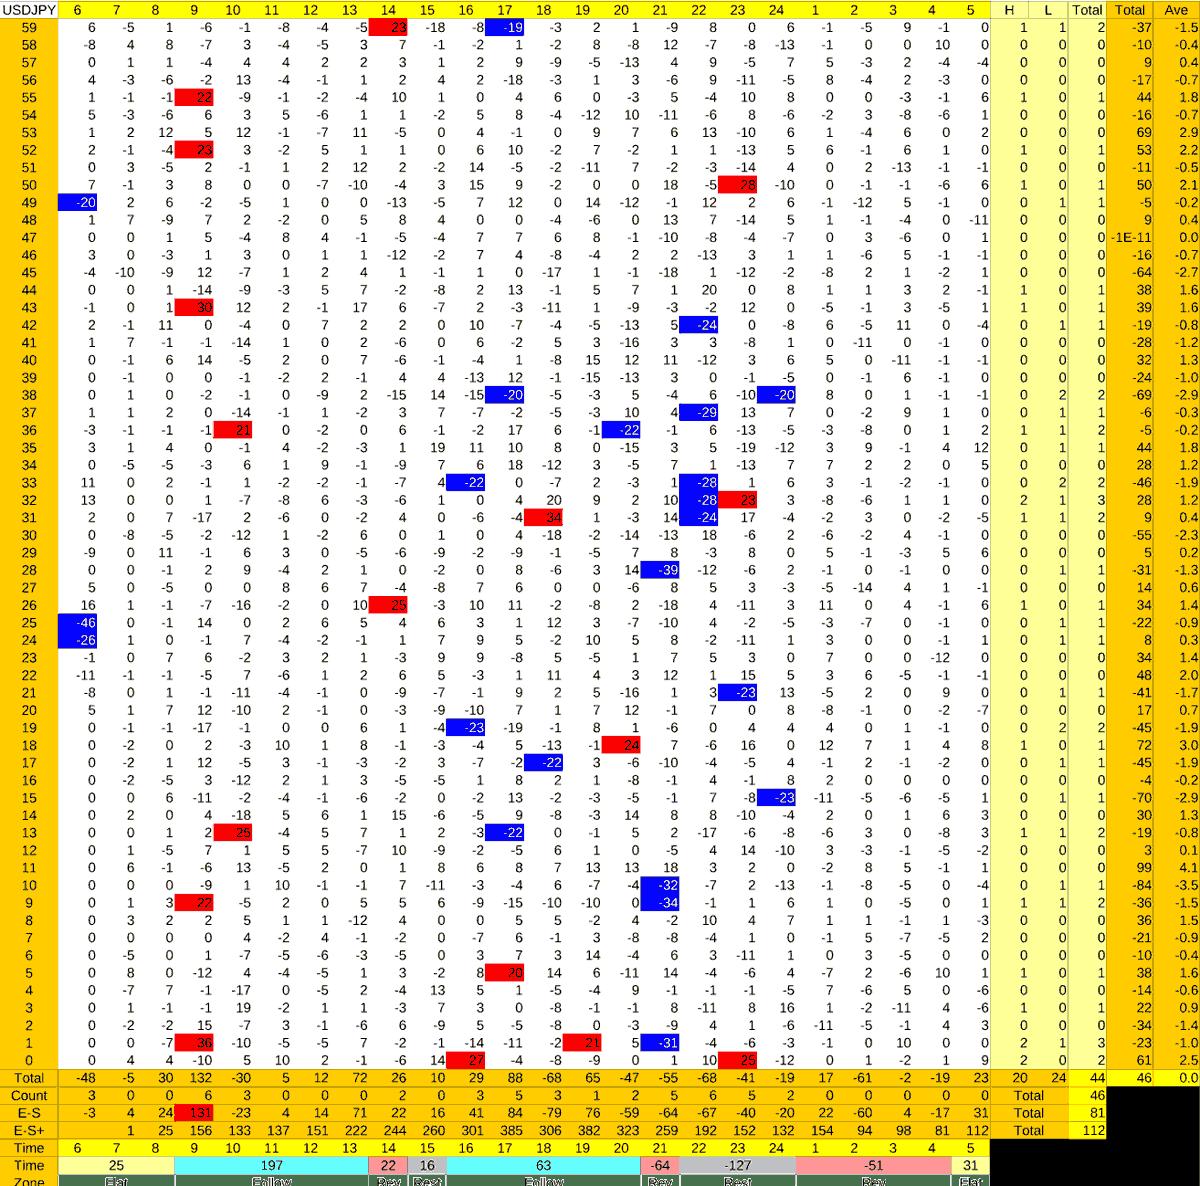 20210602_HS(1)USDJPY